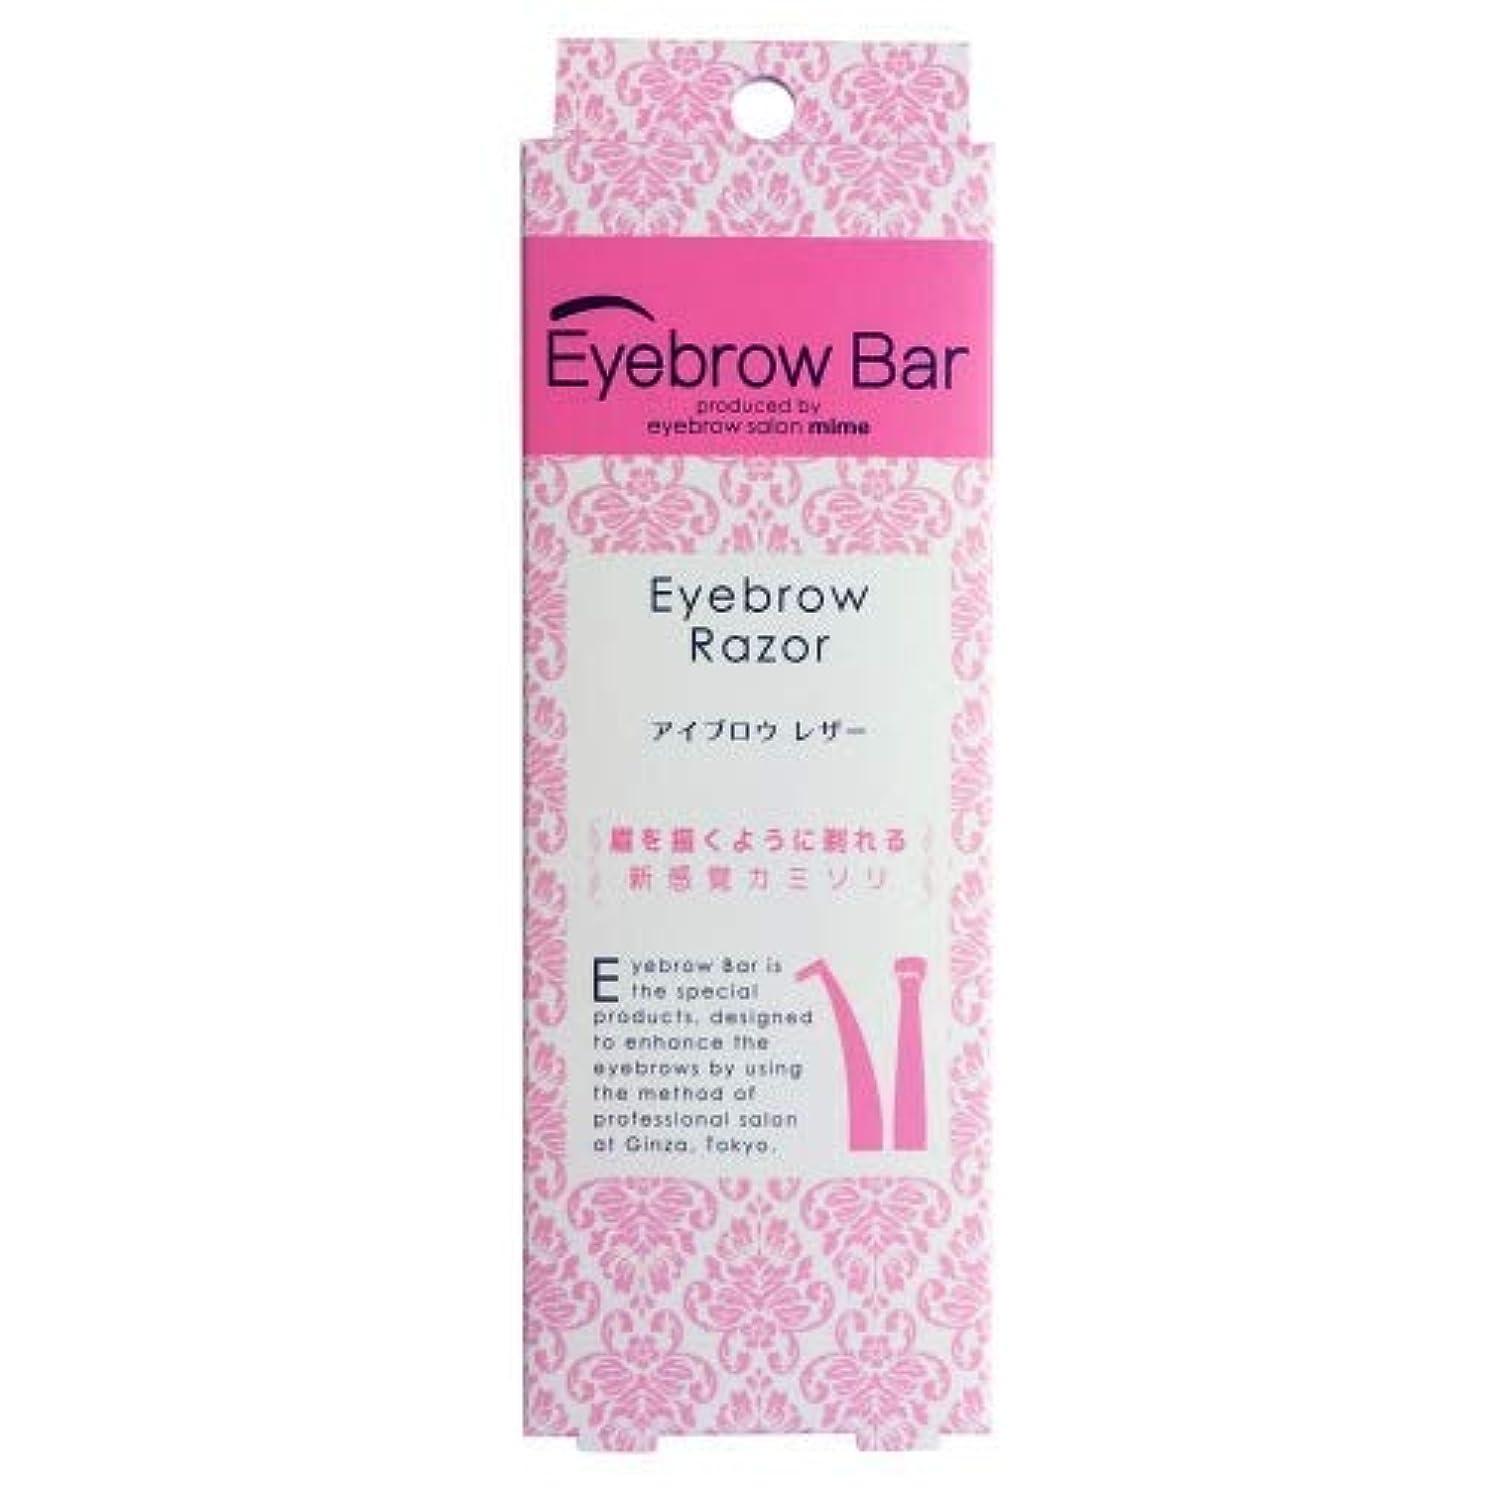 アミューズイブニング受け入れEBB-03 Eyebrow Bar アイブロウ レザー 1本 × 10個セット